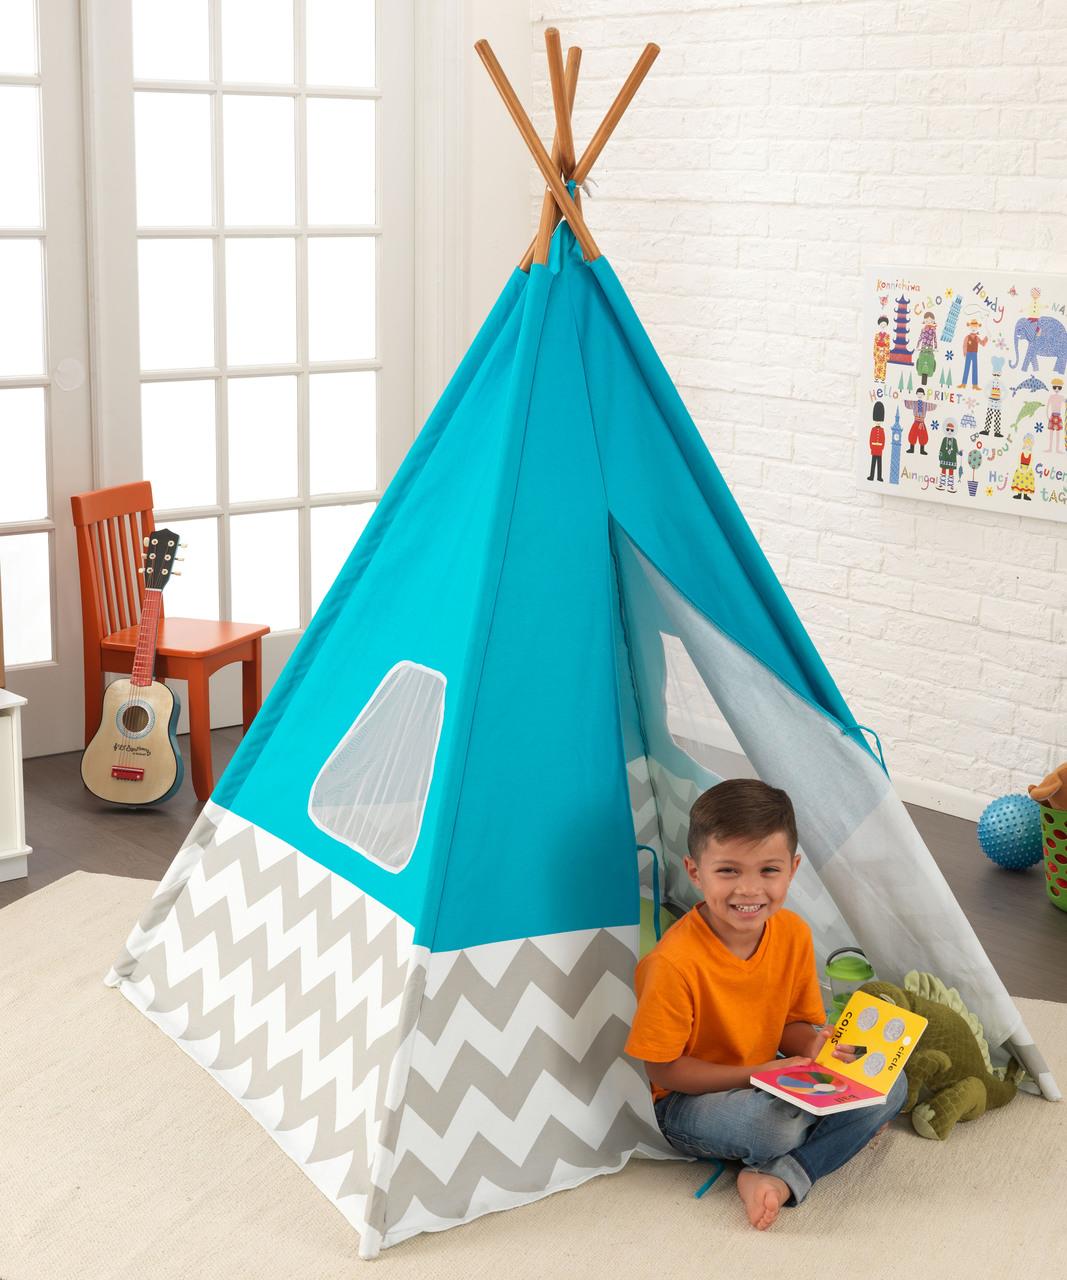 Kidkraft Tee Pee Tent on Sale Now! Free Pickup Sydney